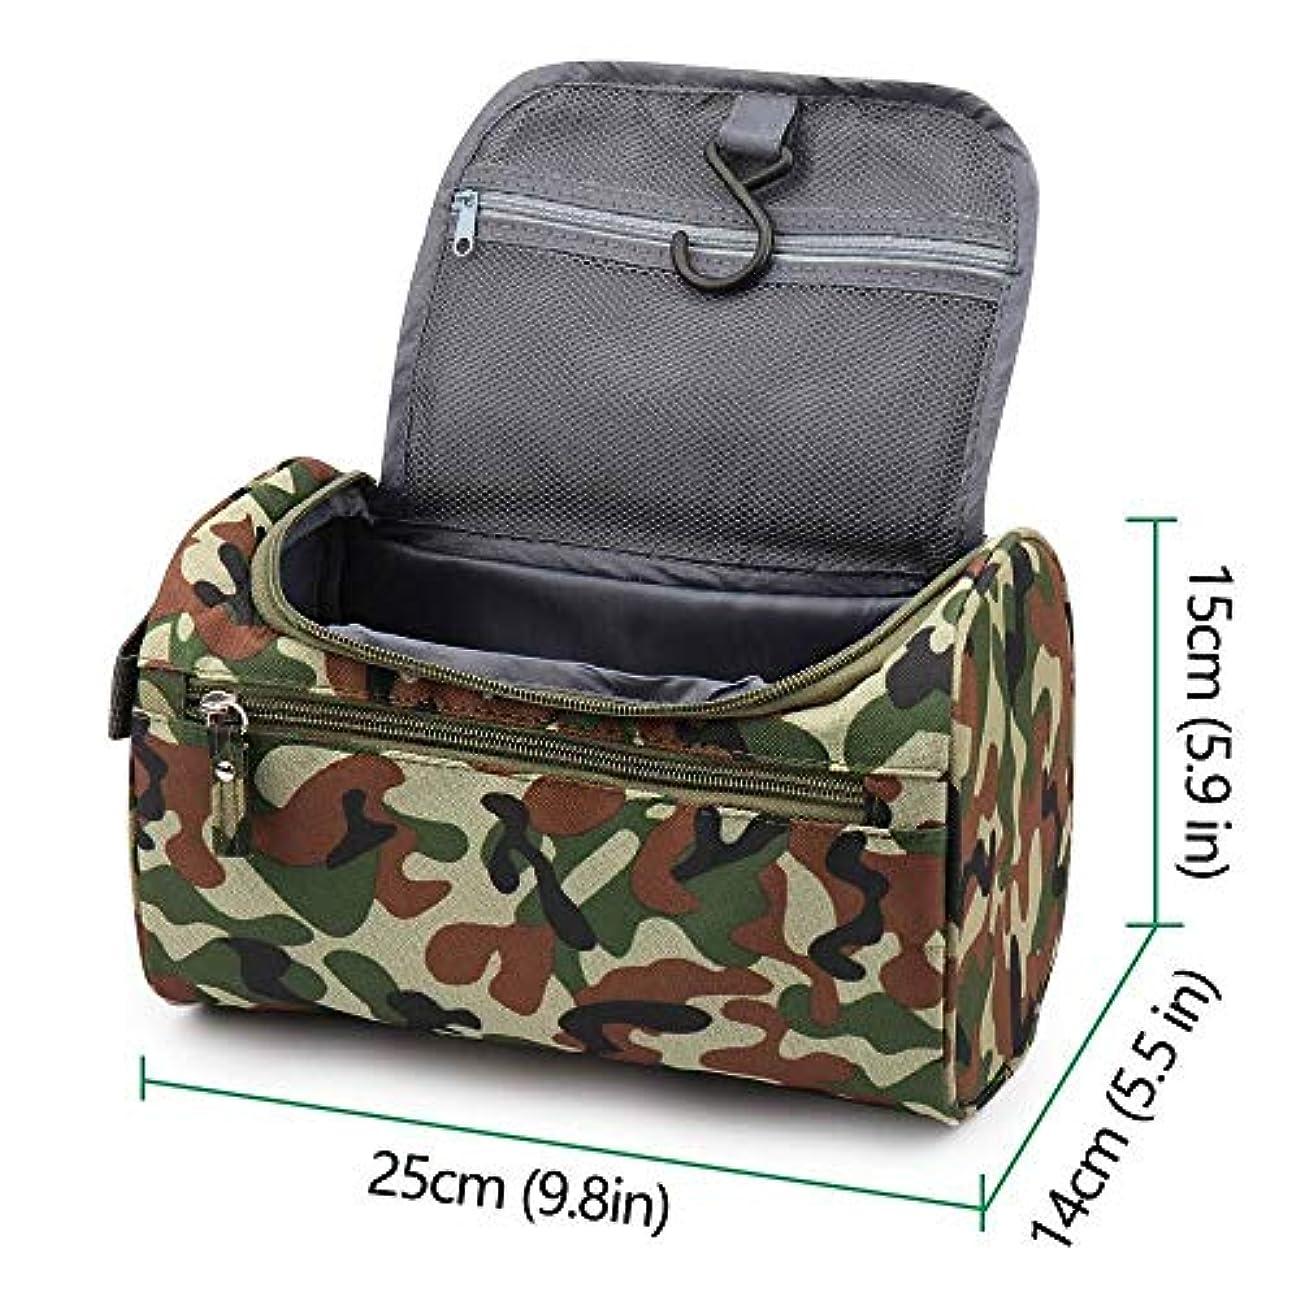 化粧バッグ安い女性のバッグ男性大防水ナイロン旅行化粧品バッグオーガナイザーケース必要なメイクアップ洗面化粧品バッグ (Color : Camouflage)